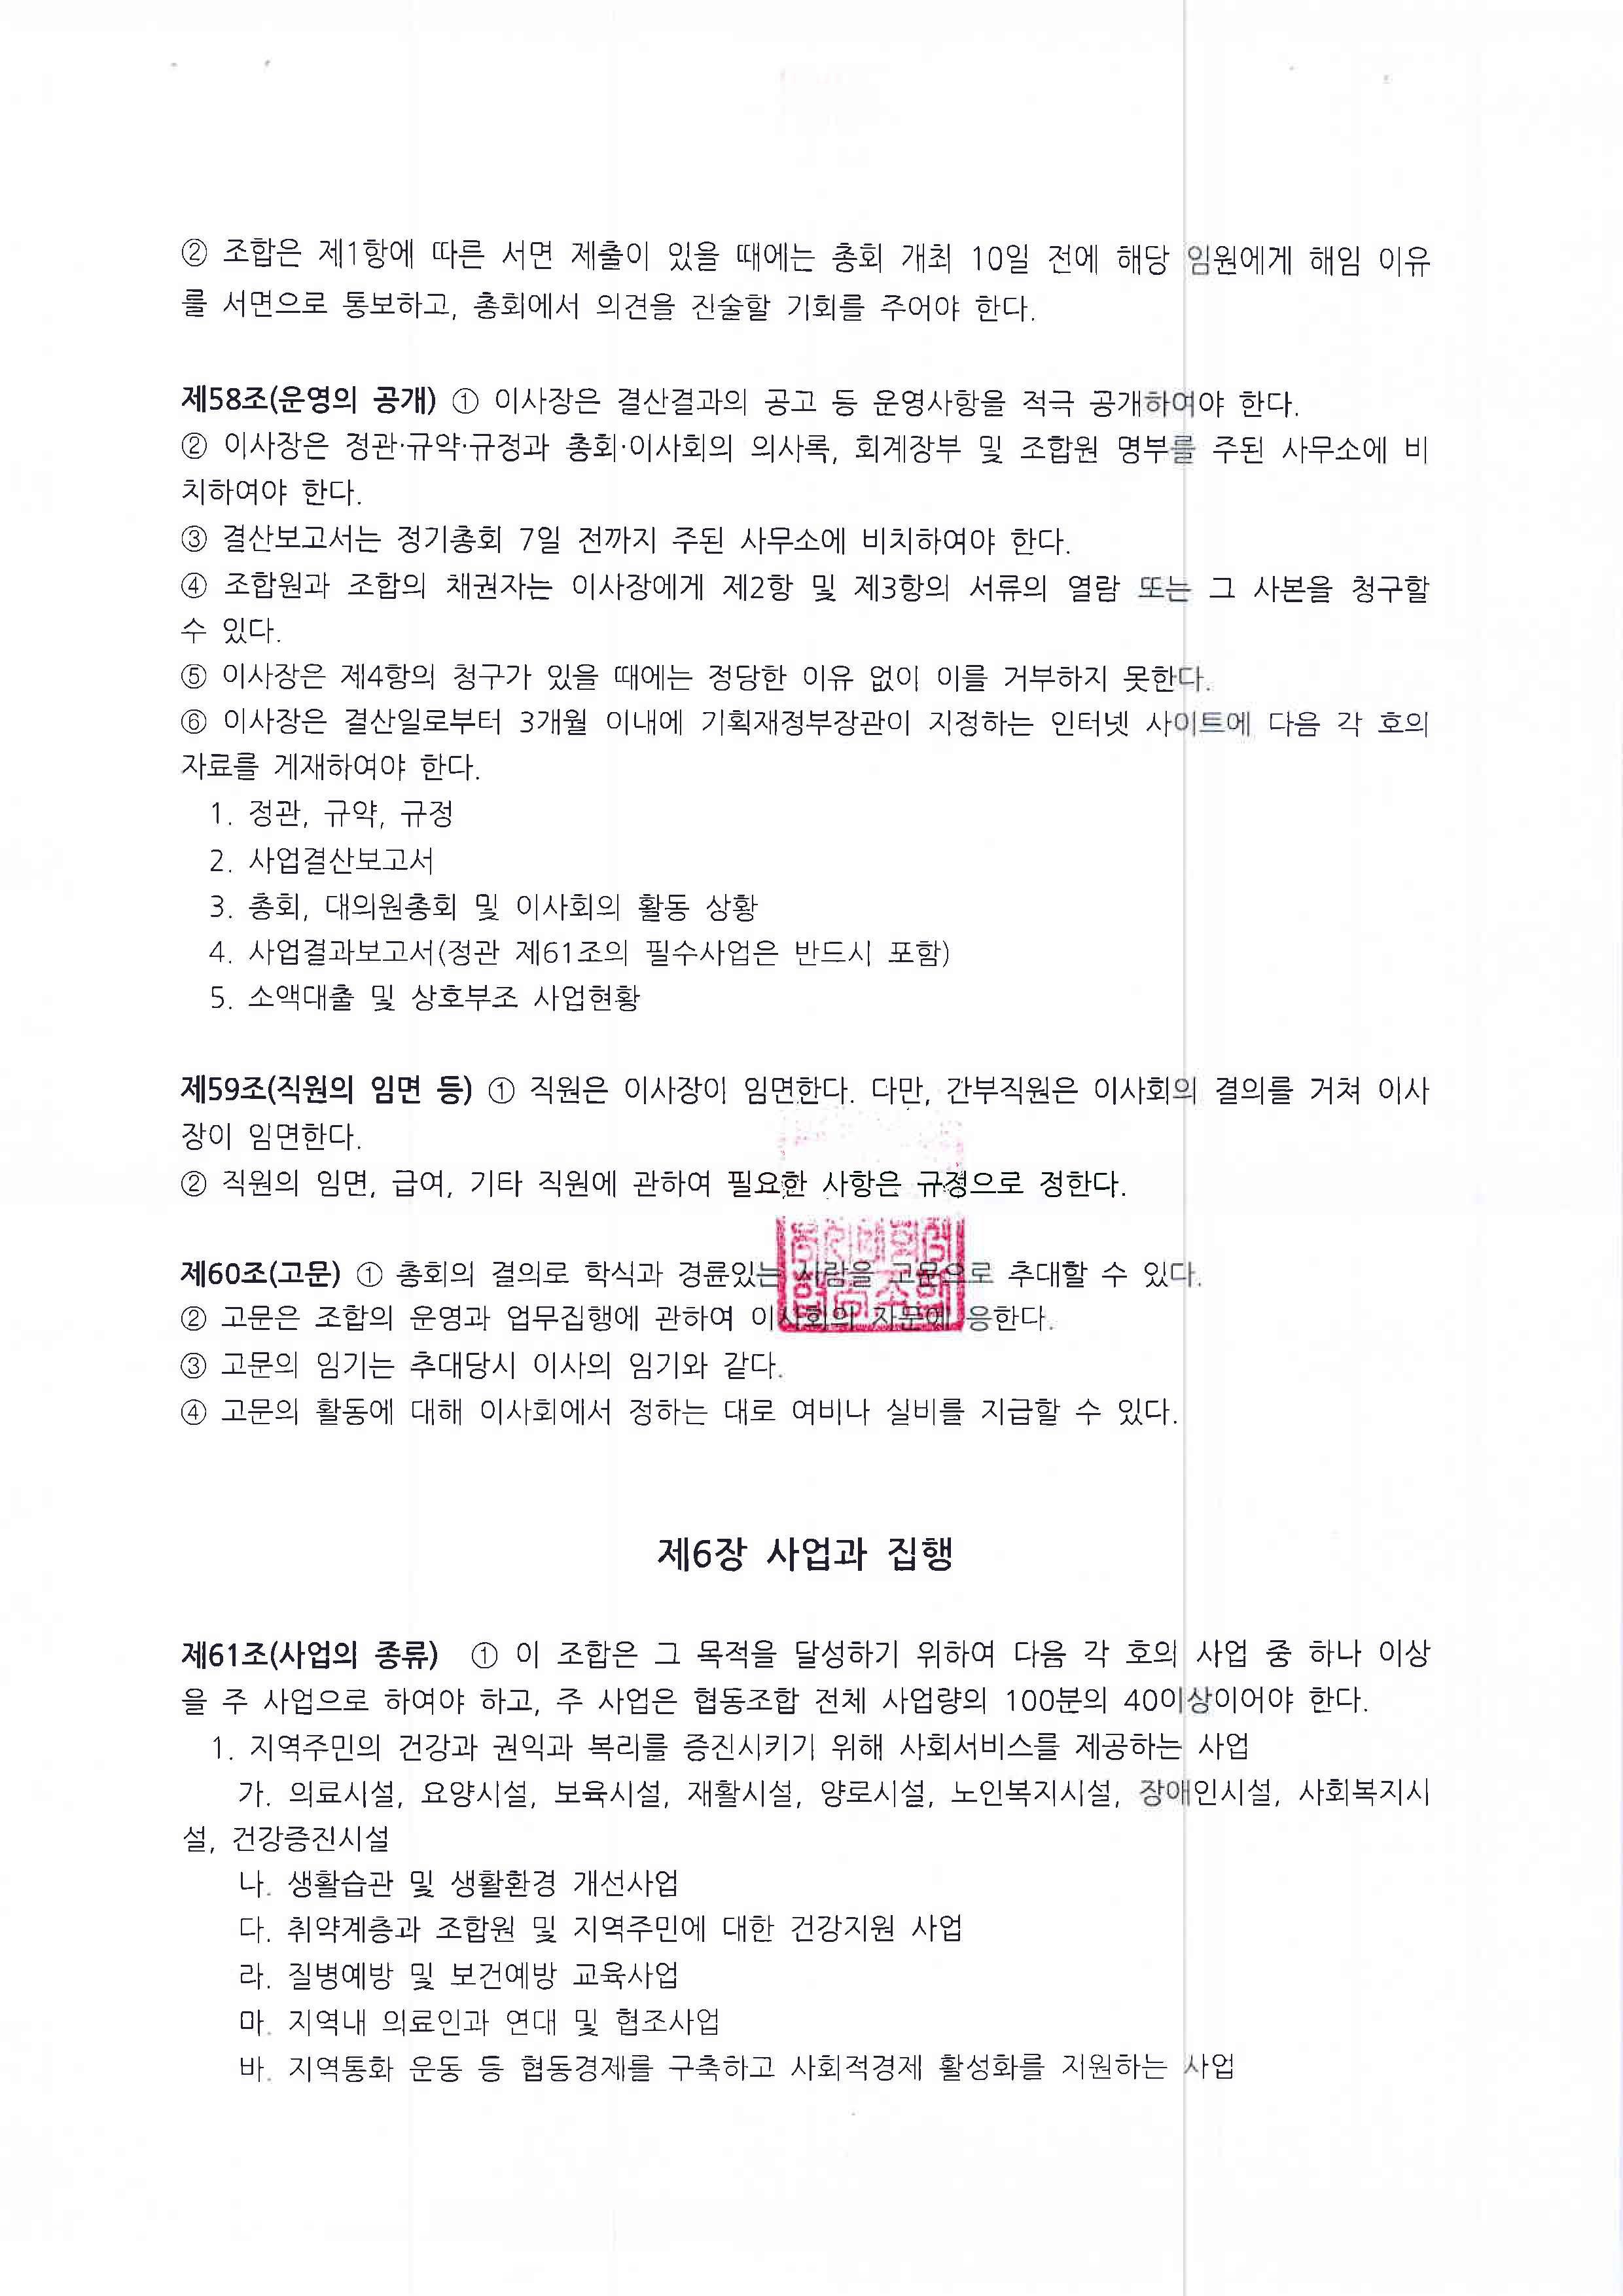 정관(20차 총회 개정안 반영)-원본대조필_페이지_14.jpg